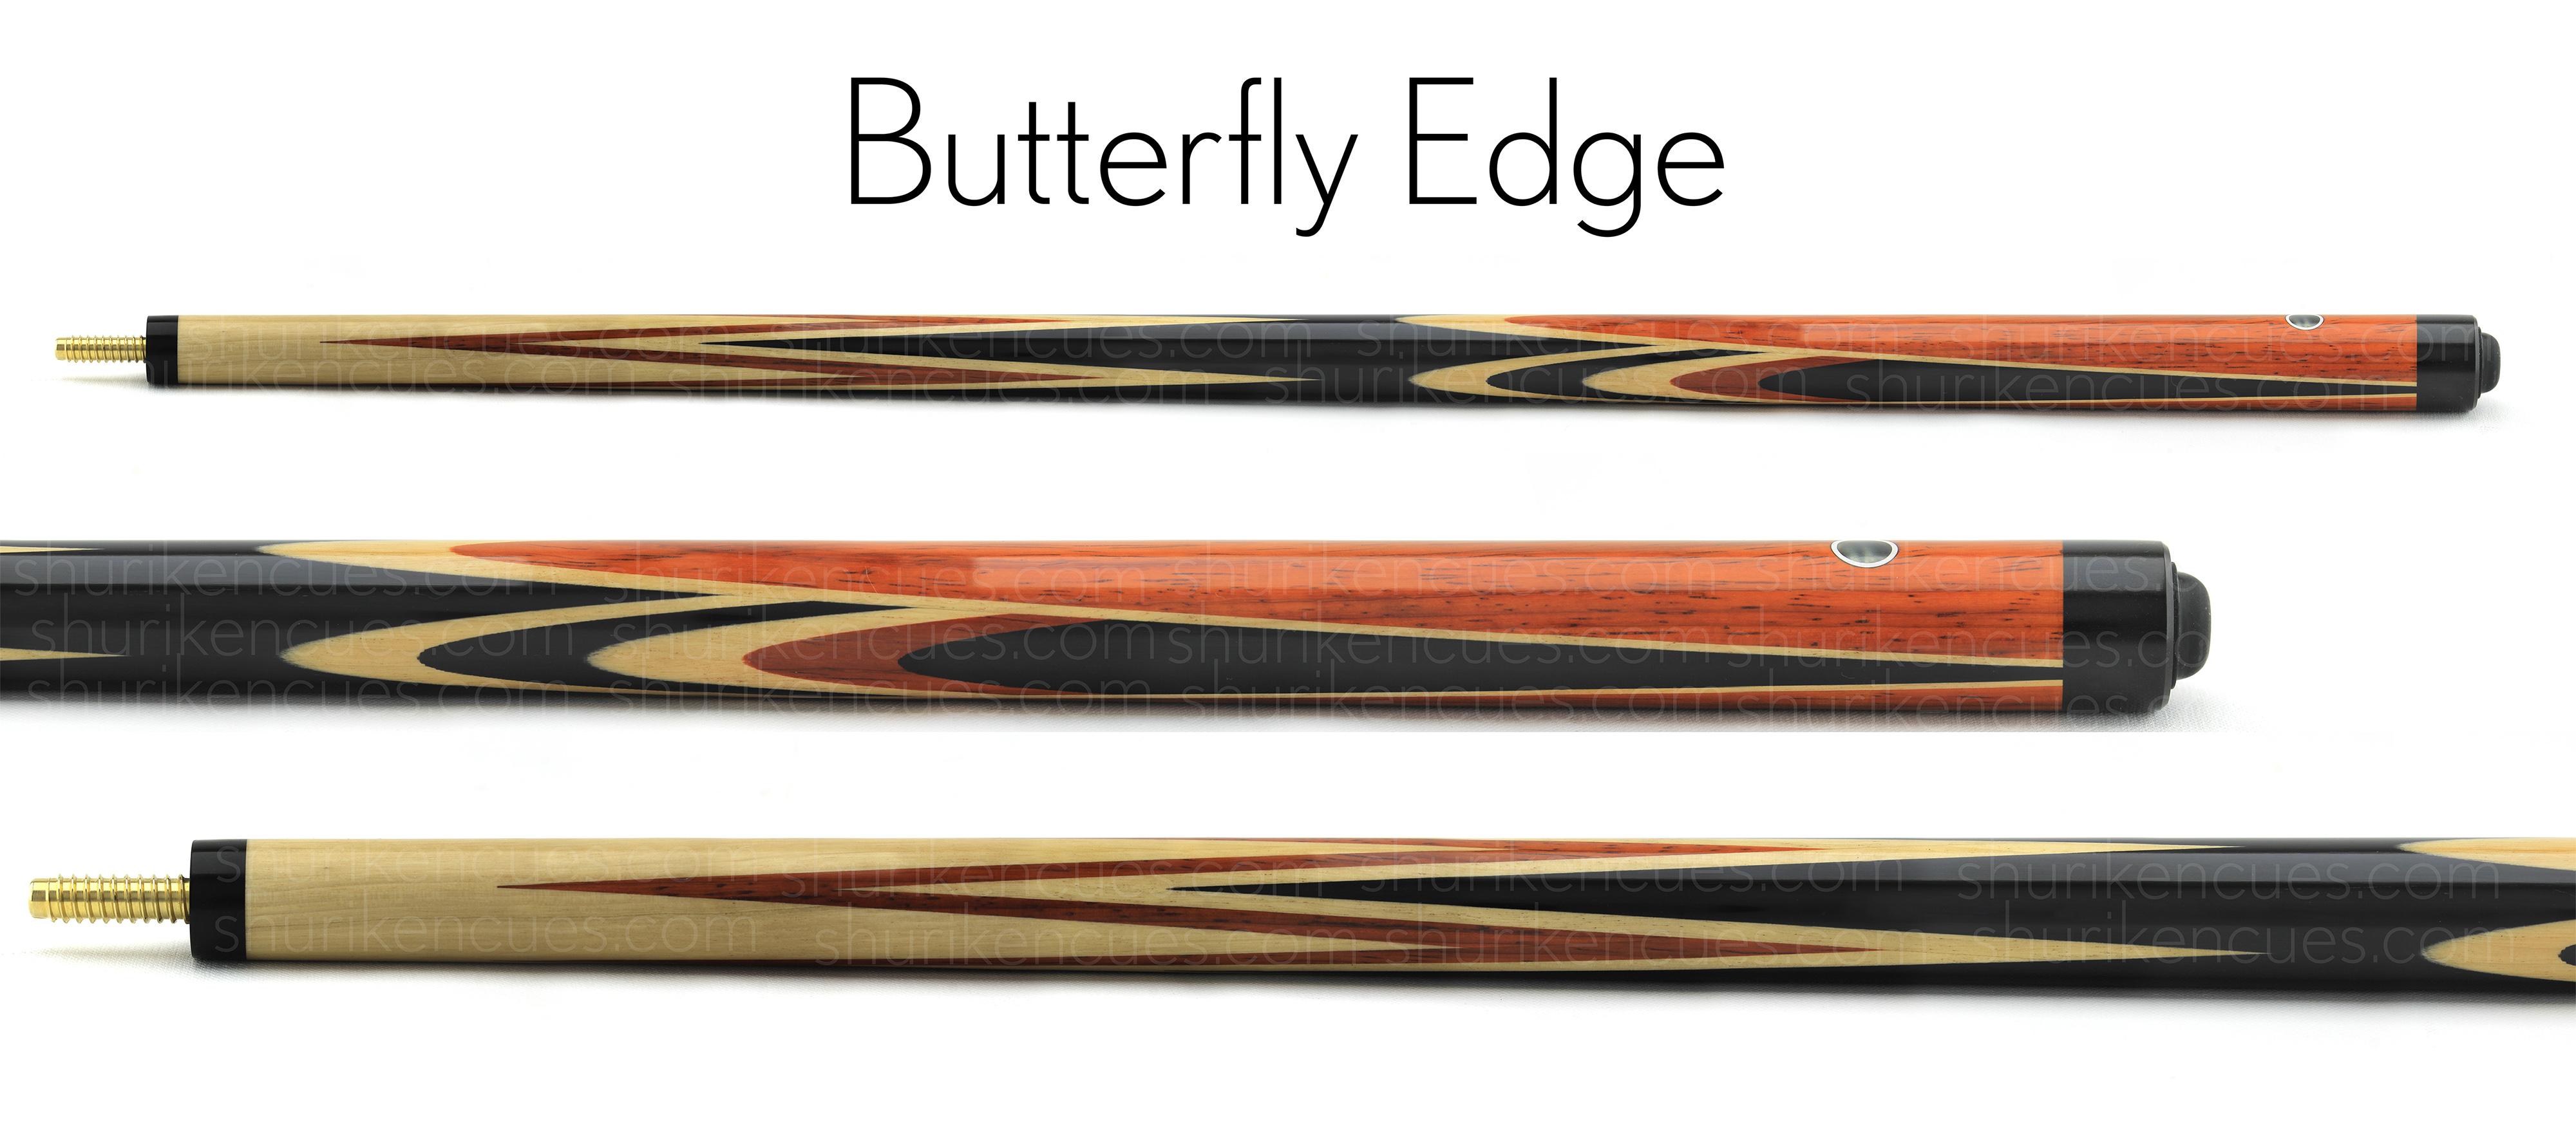 butterfly-edge-butt-title-4k